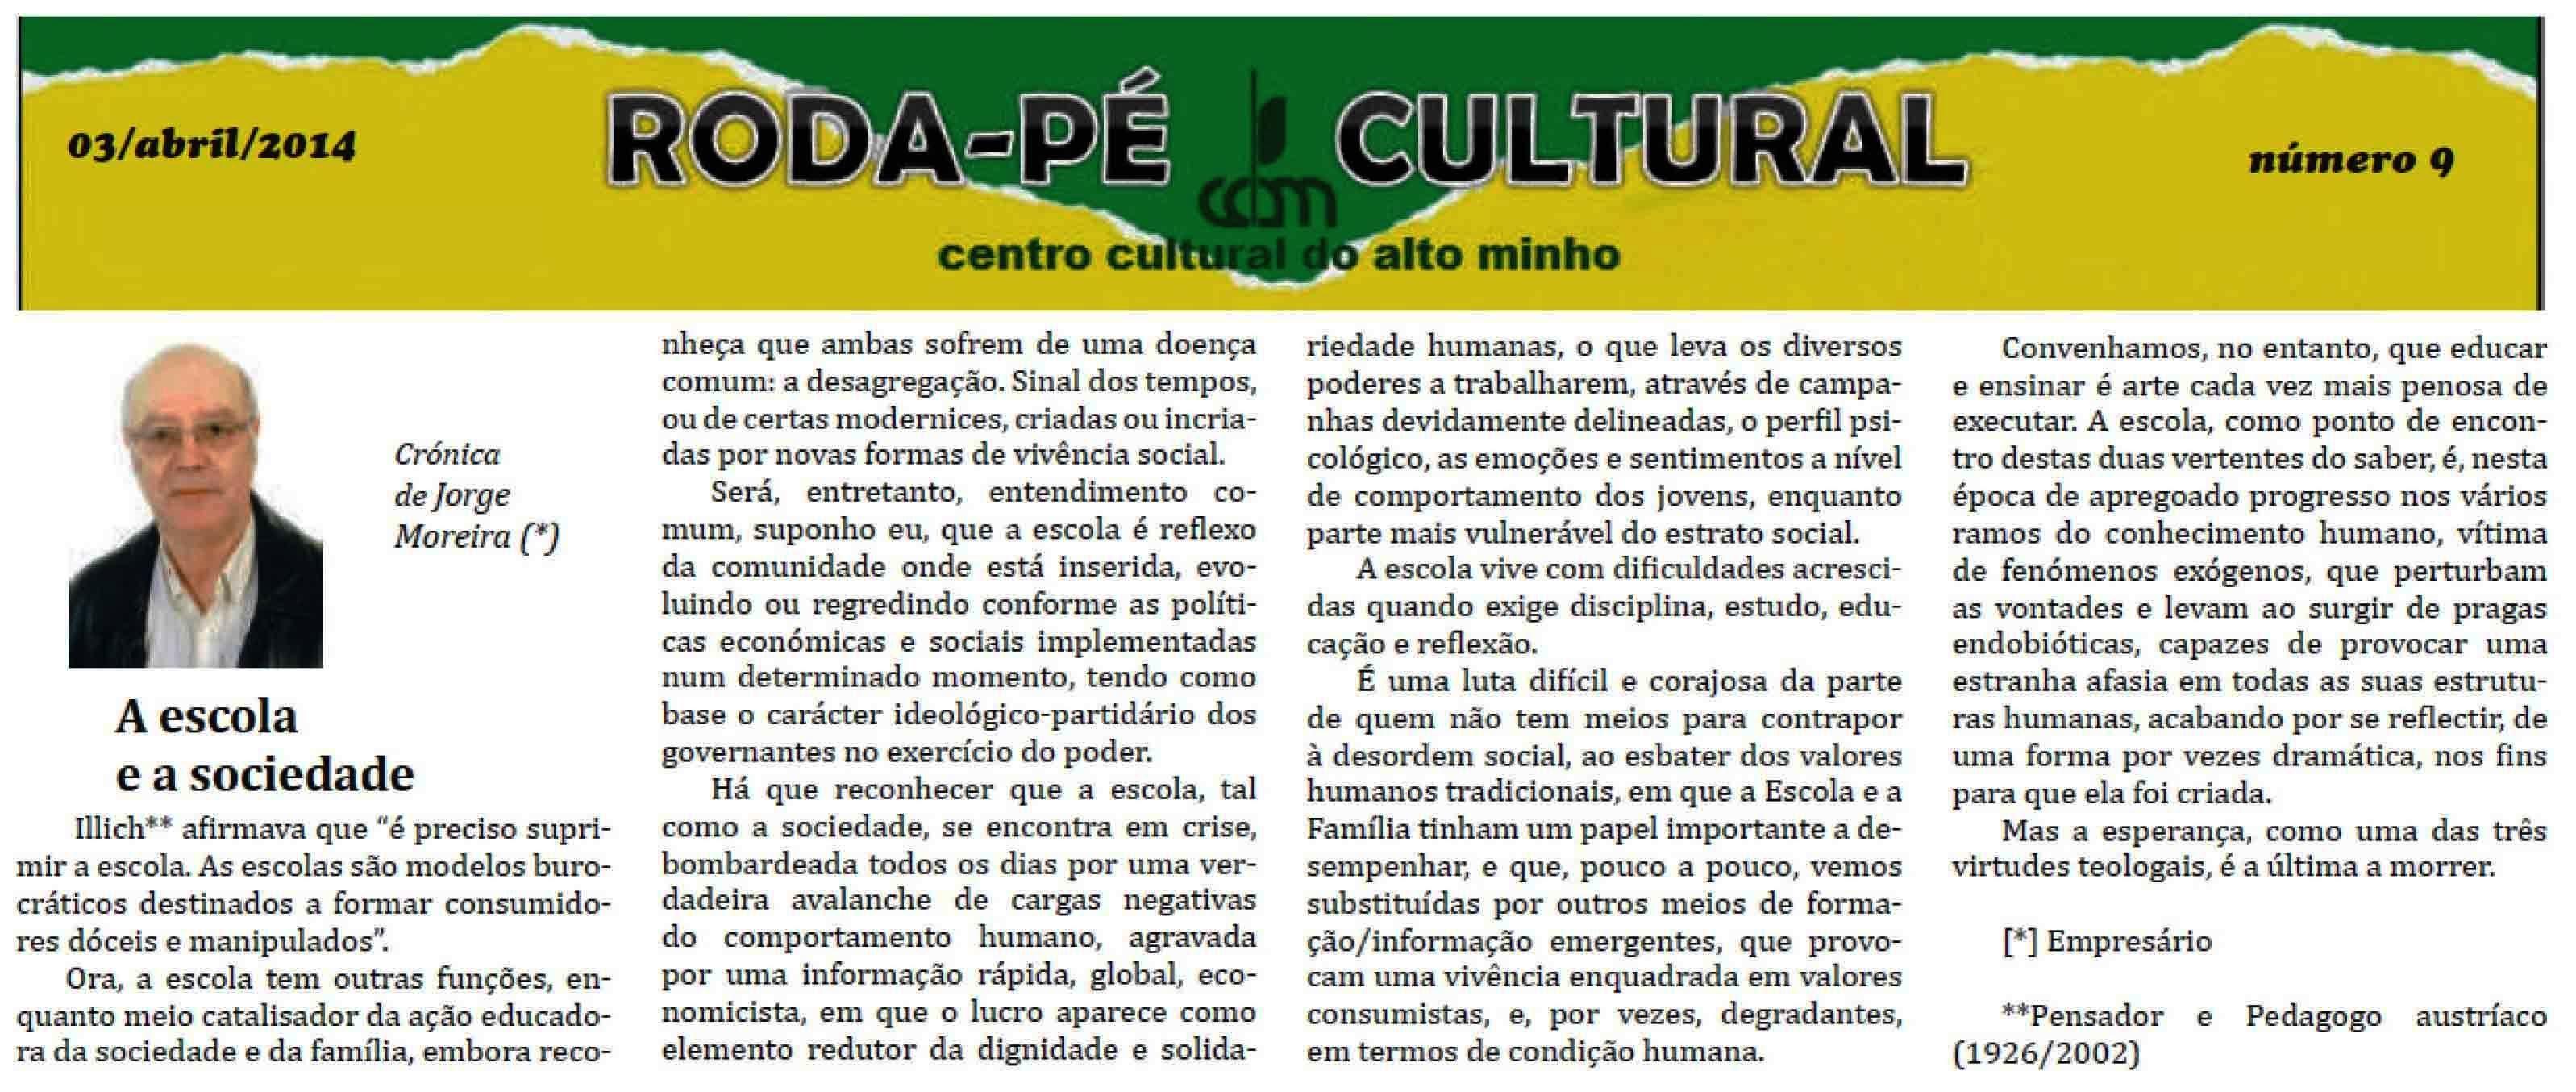 https://sites.google.com/a/centroculturaldoaltominho.org/ccam/actividades-realizadas/2014/Roda-P%C3%A9_9.jpg?attredirects=0